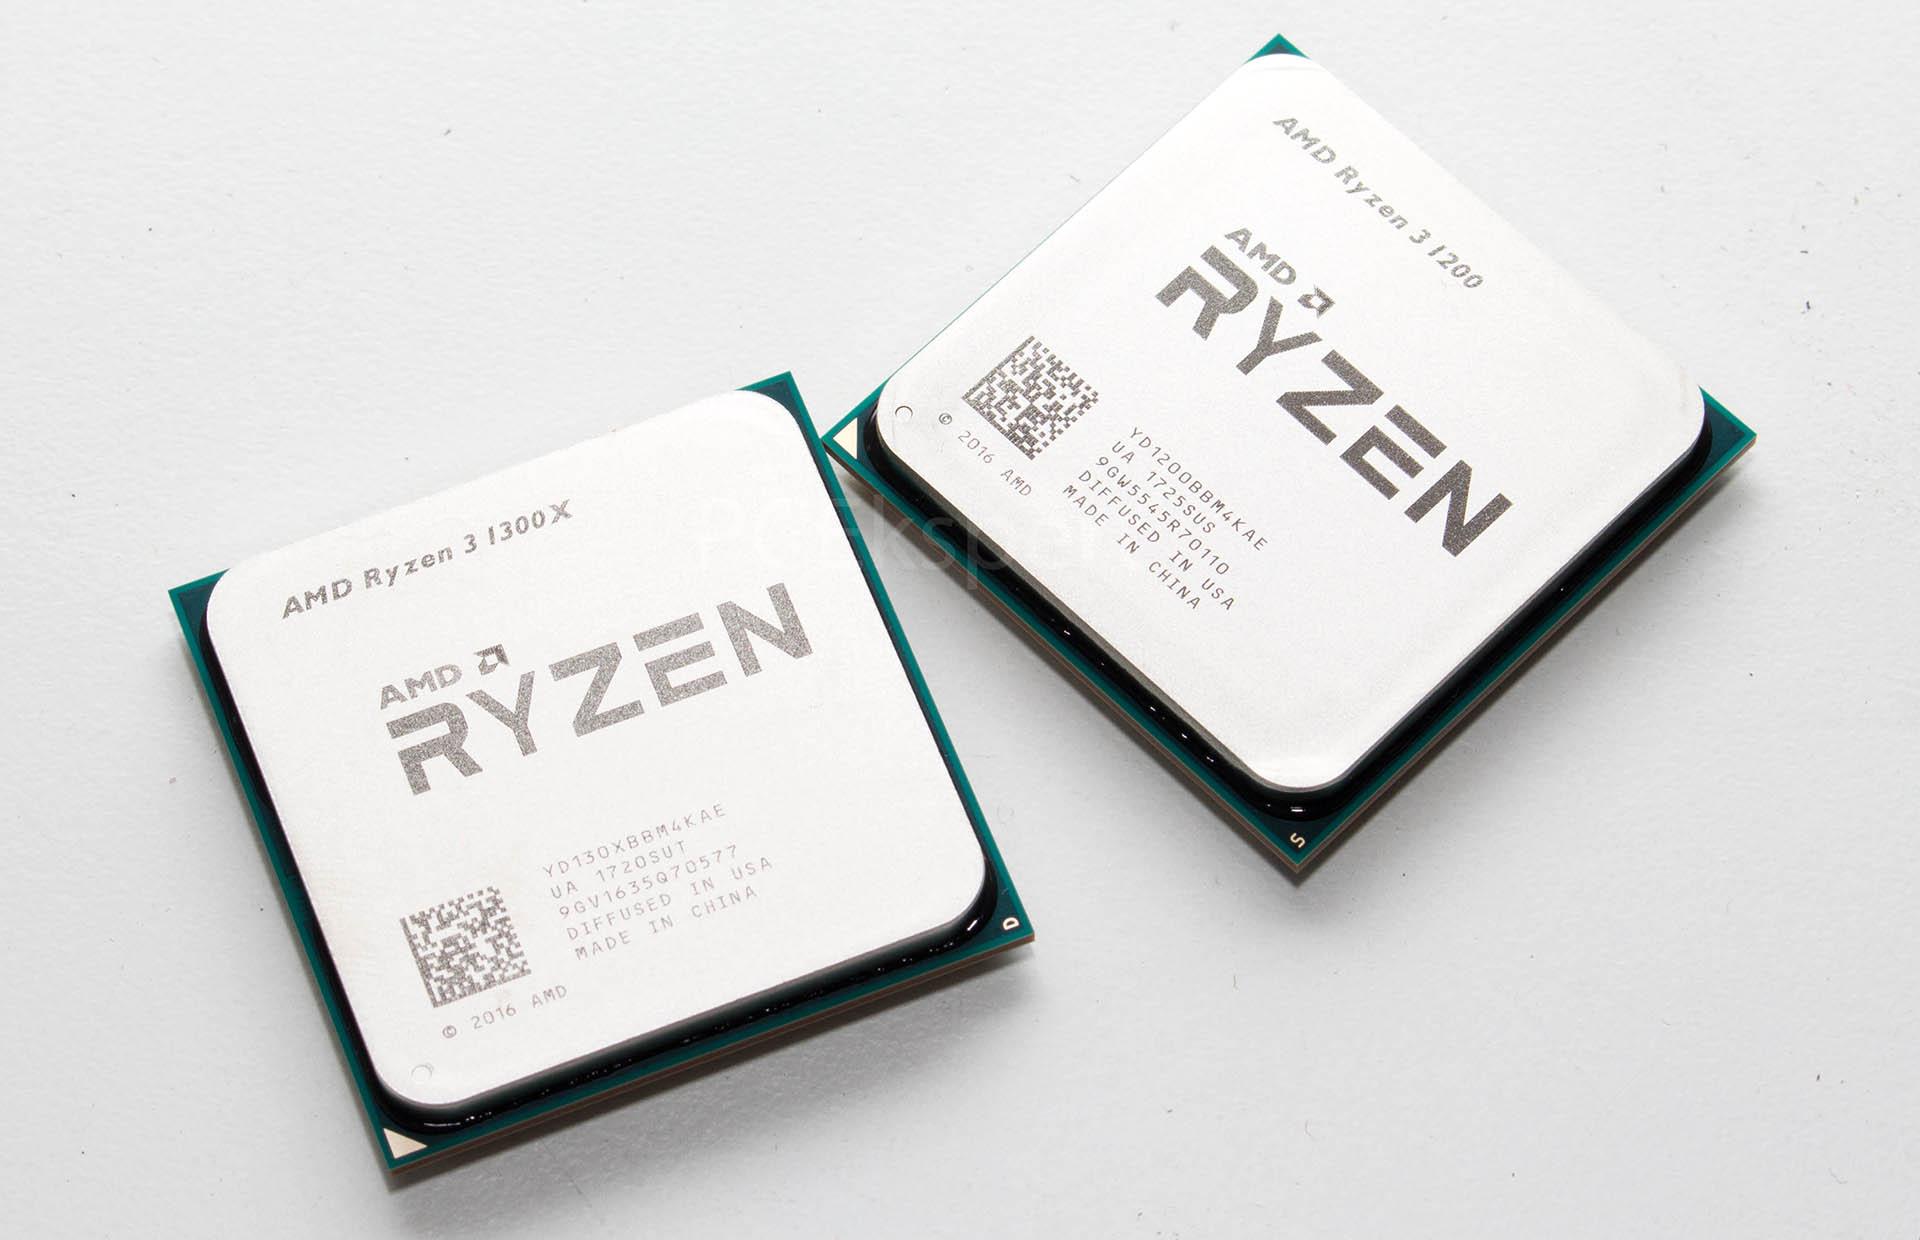 AMD Ryzen 3 1300X & 1200 recenzija